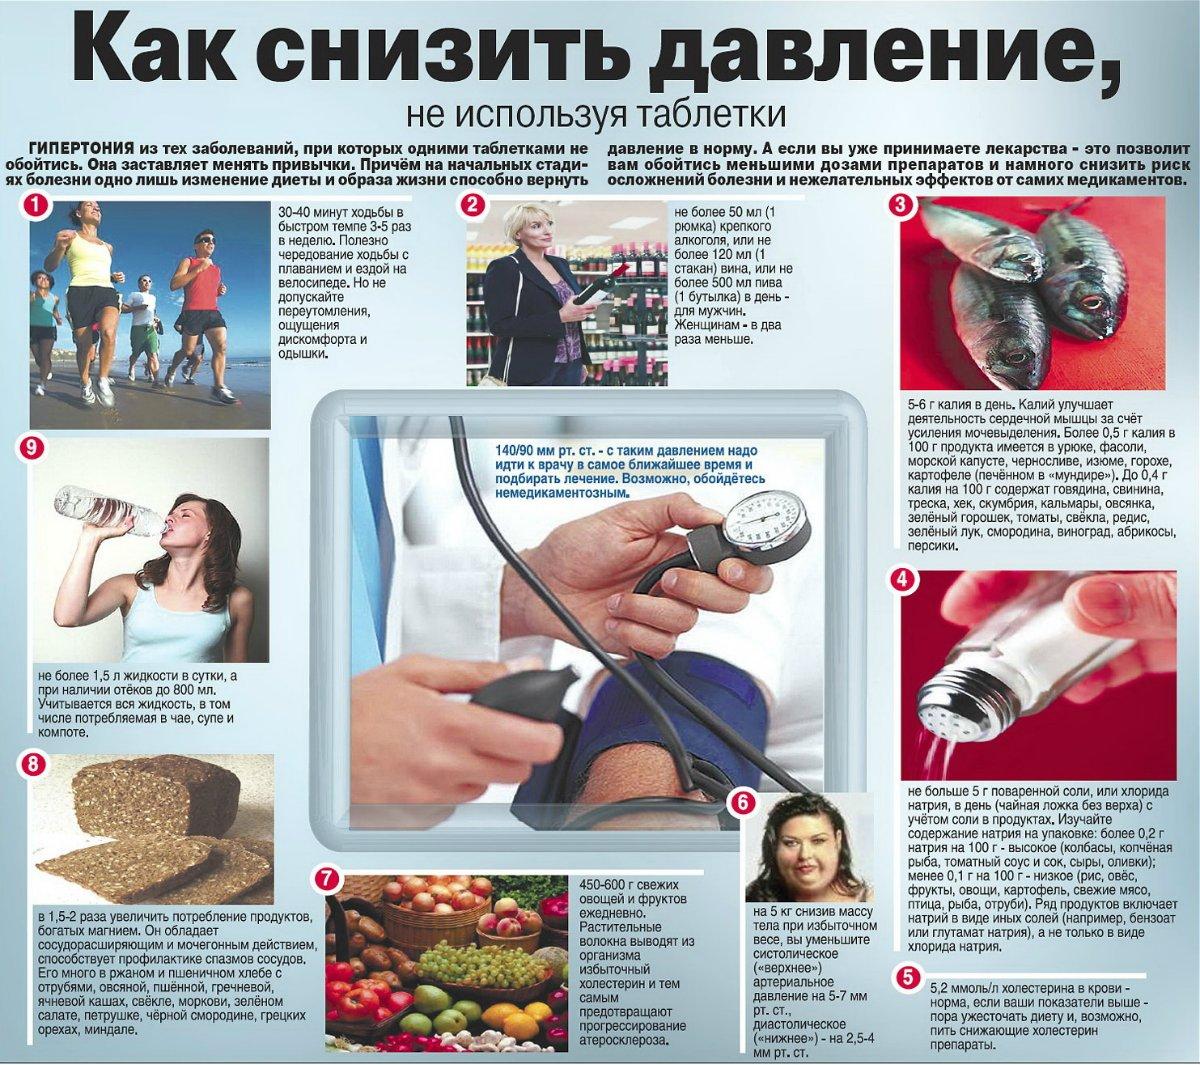 Весенний нерестовый запрет Московская область, москва 2018 48